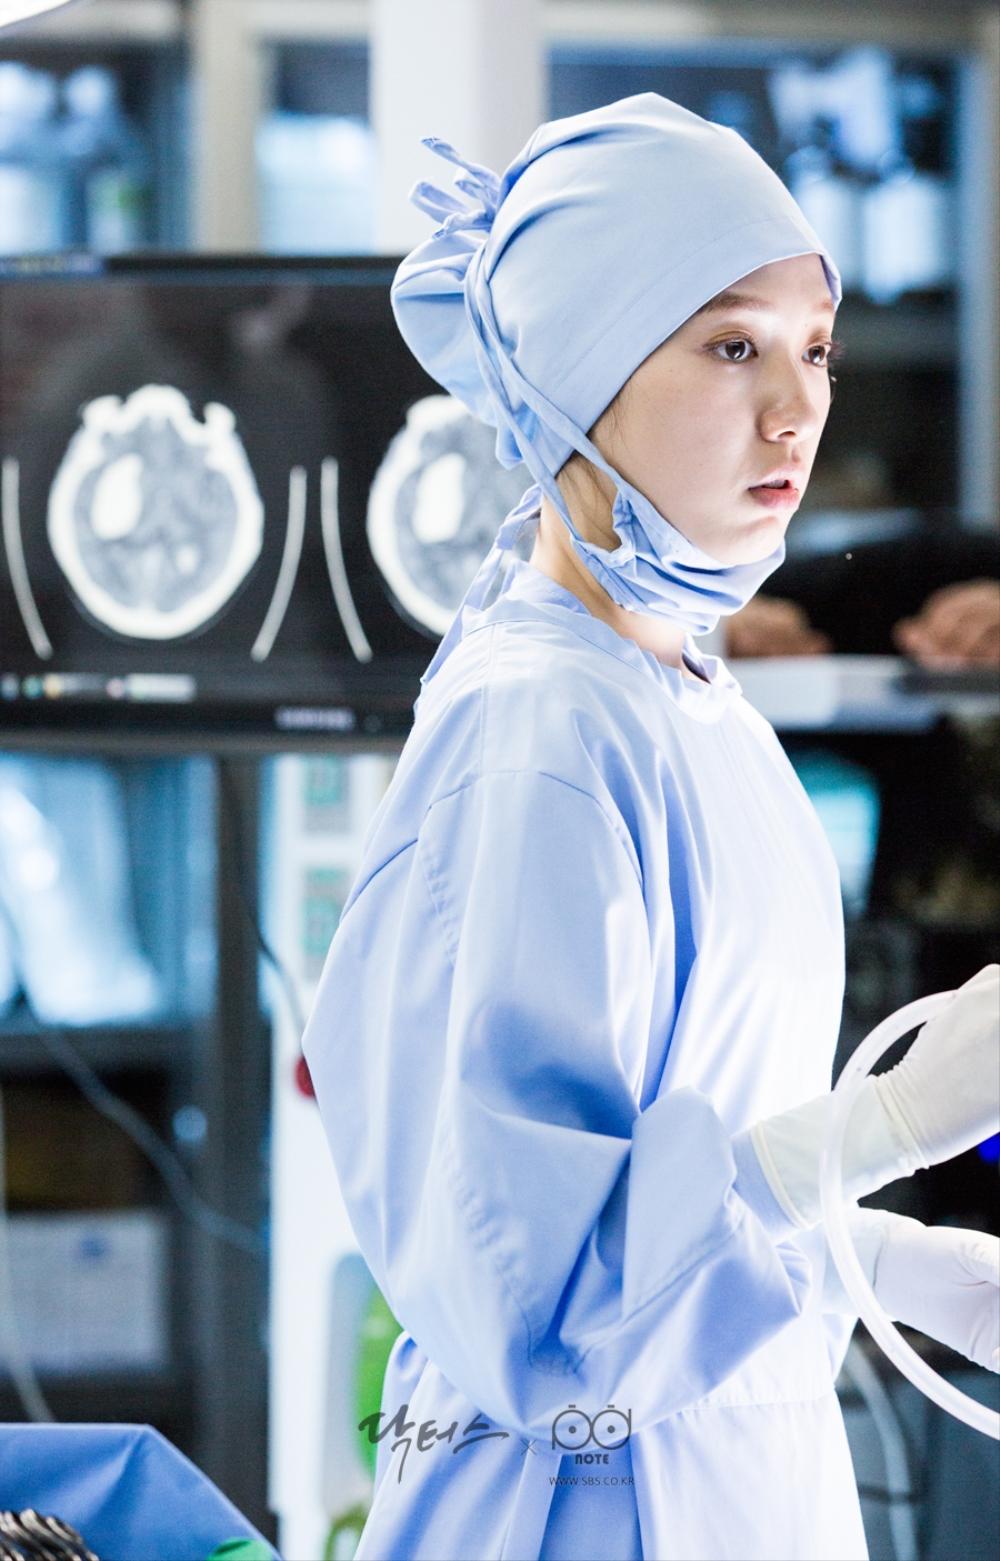 닥터스케치 6 수술 중 마스크를 잠깐 벗은채 옆을 바라보고 있는 박신혜